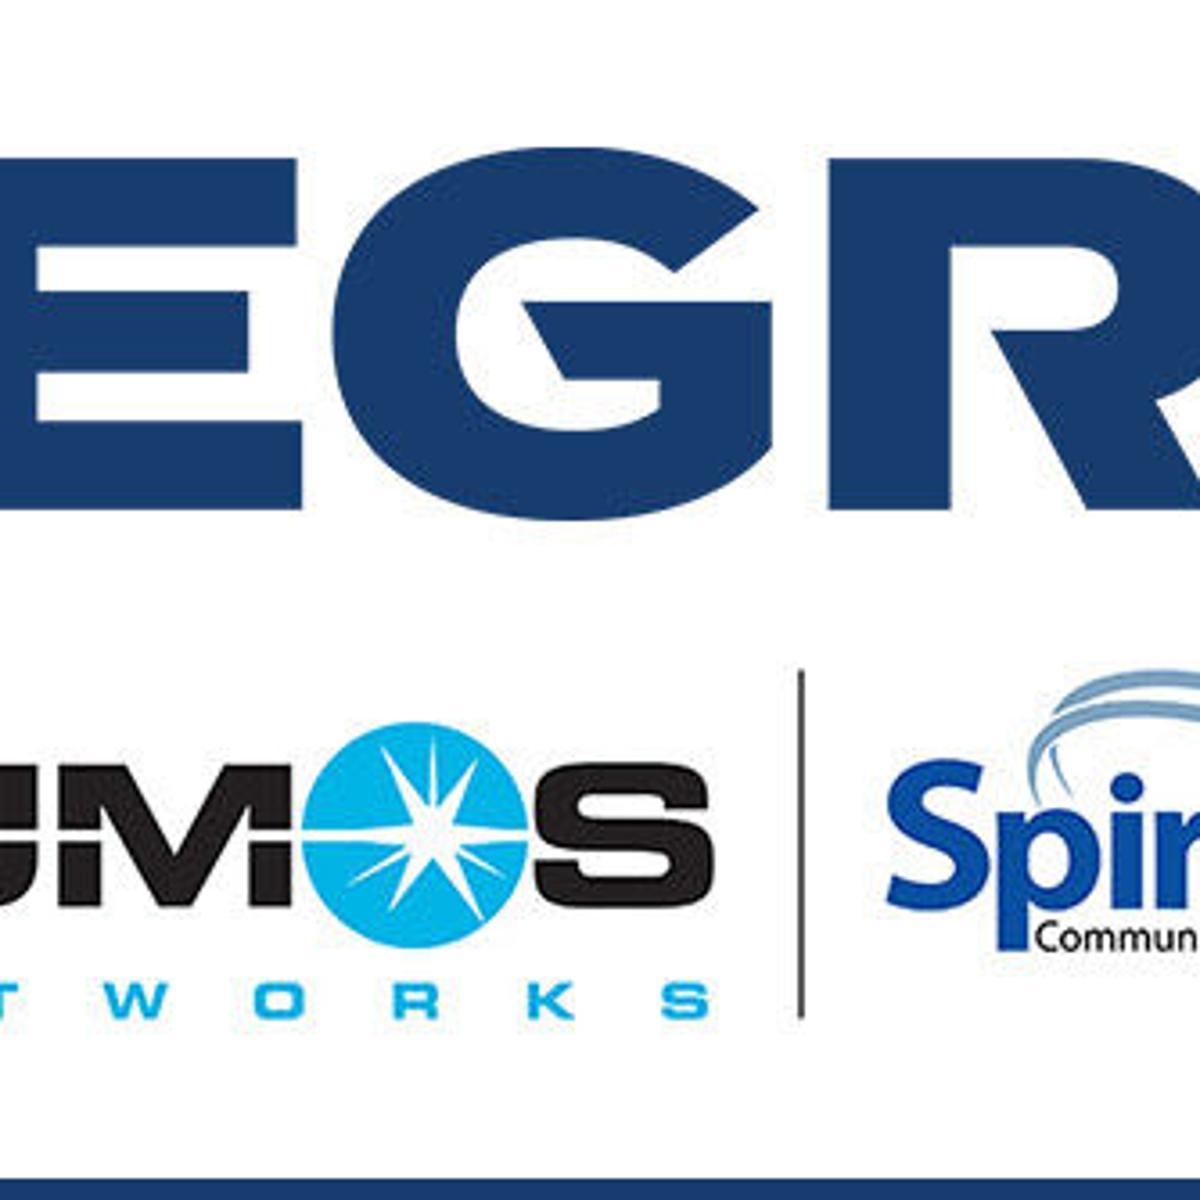 Lumos and Spirit rebrand as Segra   News   dailyprogress com